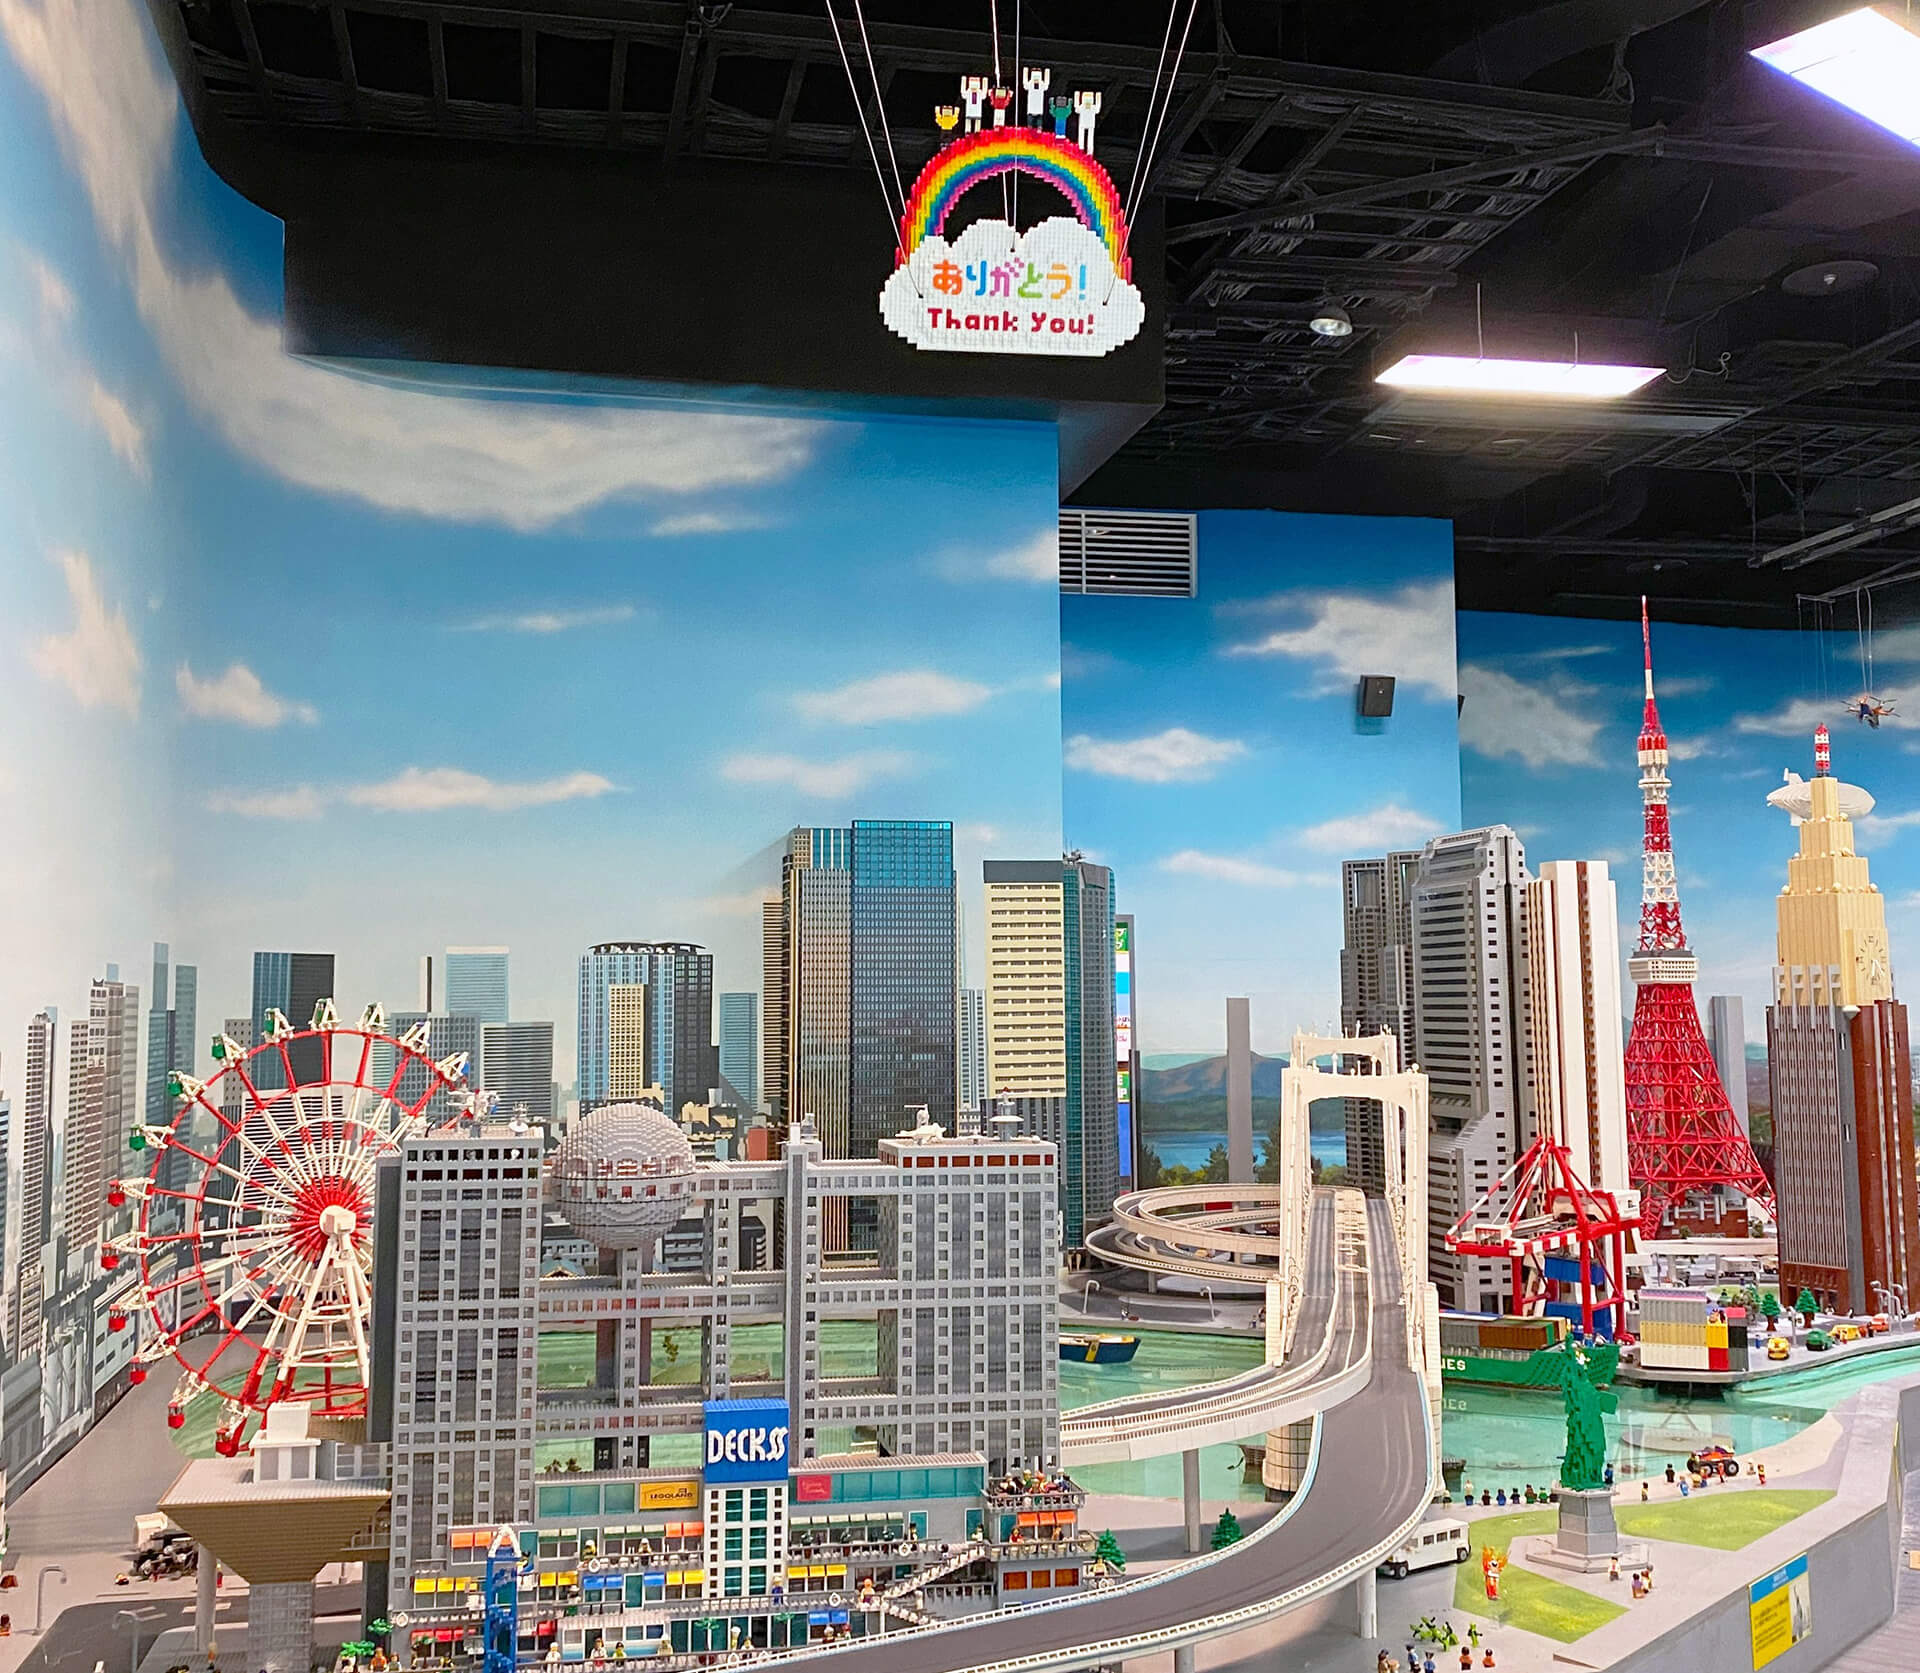 『#レゴランドからエール』レゴランド(R)・ディスカバリー・センター東京